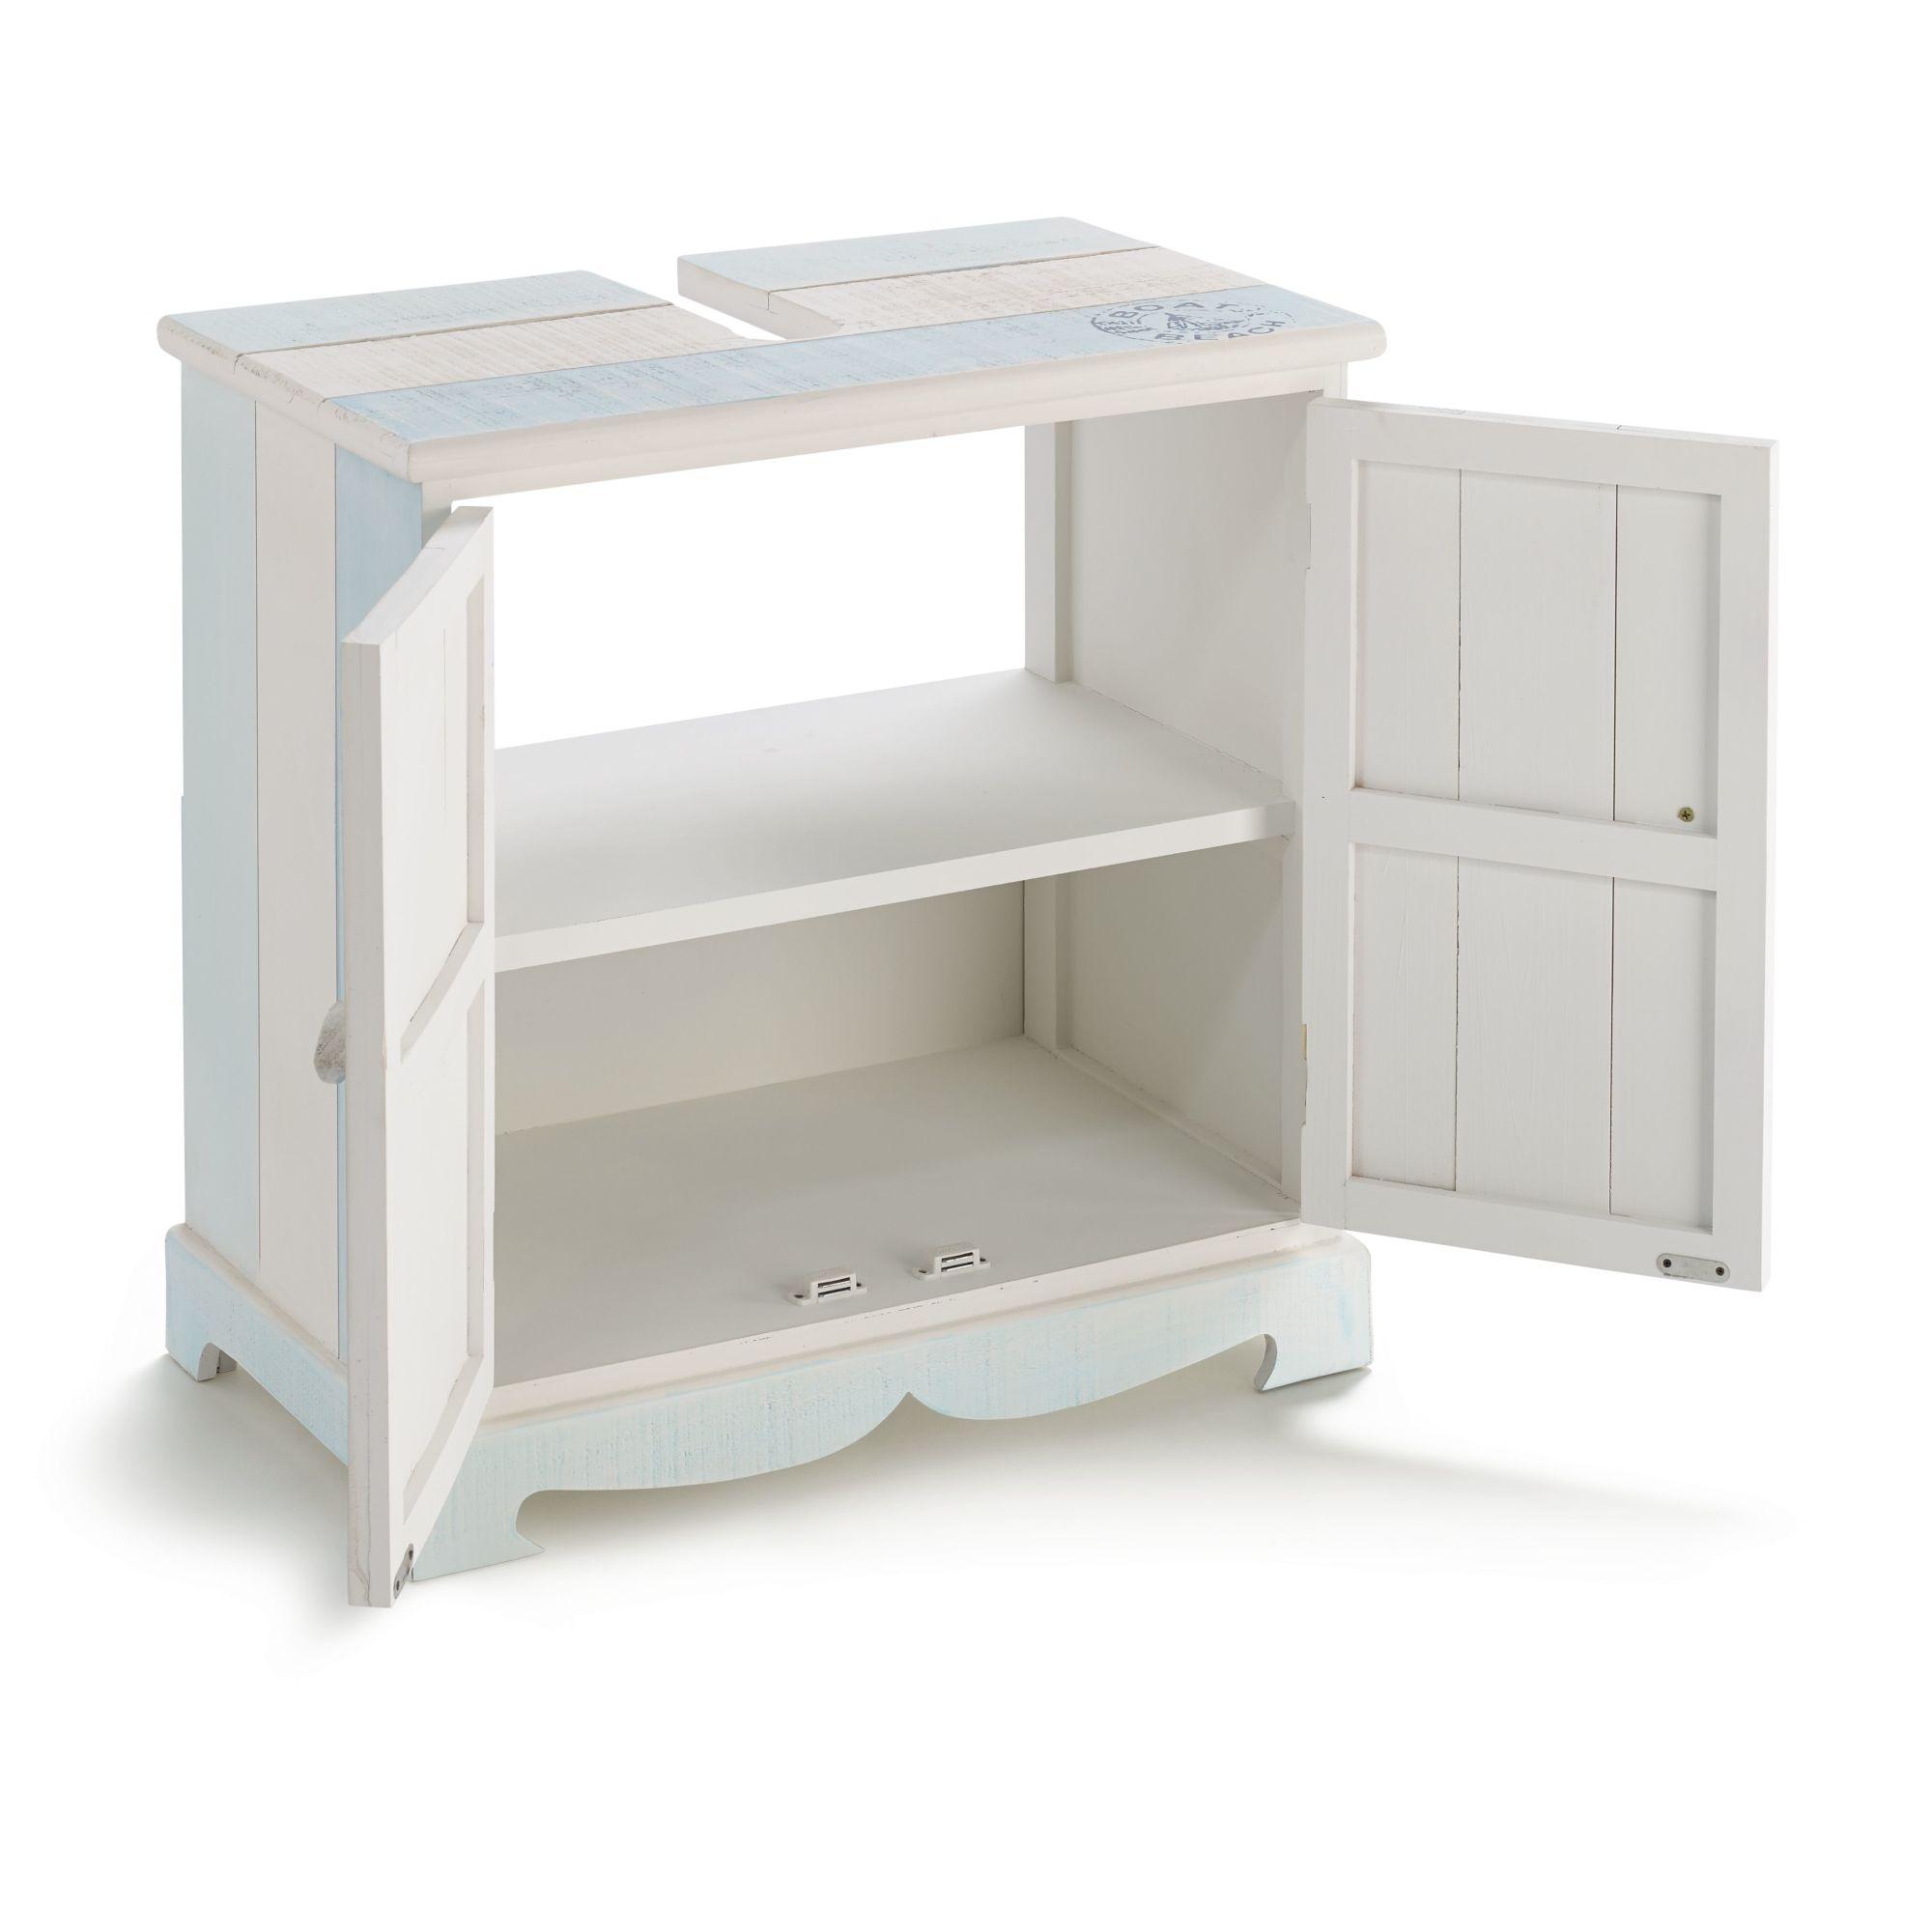 waschbeckenunterschrank hanse blau wei maritim badschrank. Black Bedroom Furniture Sets. Home Design Ideas